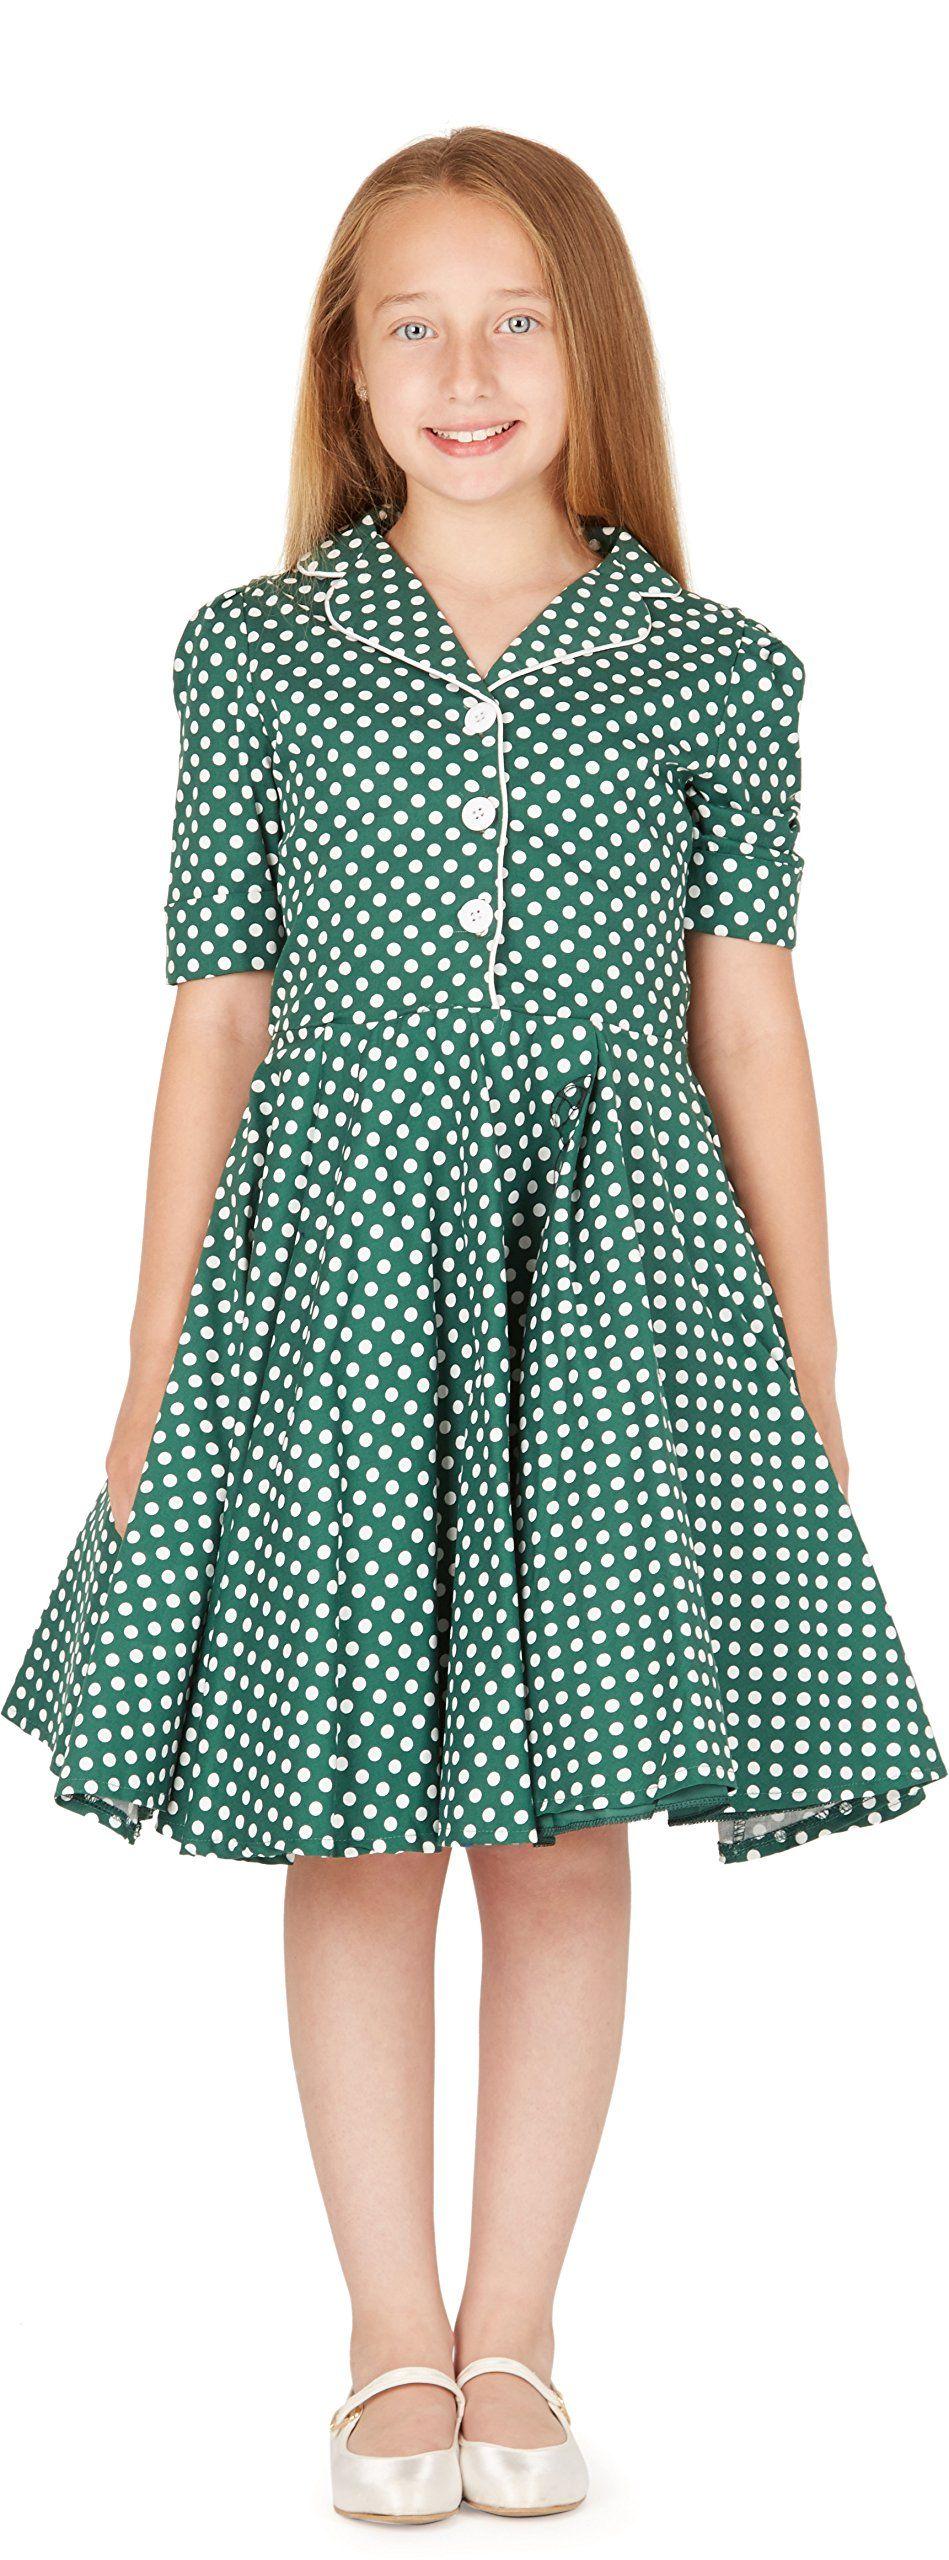 81f59ce9a BlackButterfly Kids 'Sabrina' Vintage Polka Dot 50's Girls Dress (Green, 11-